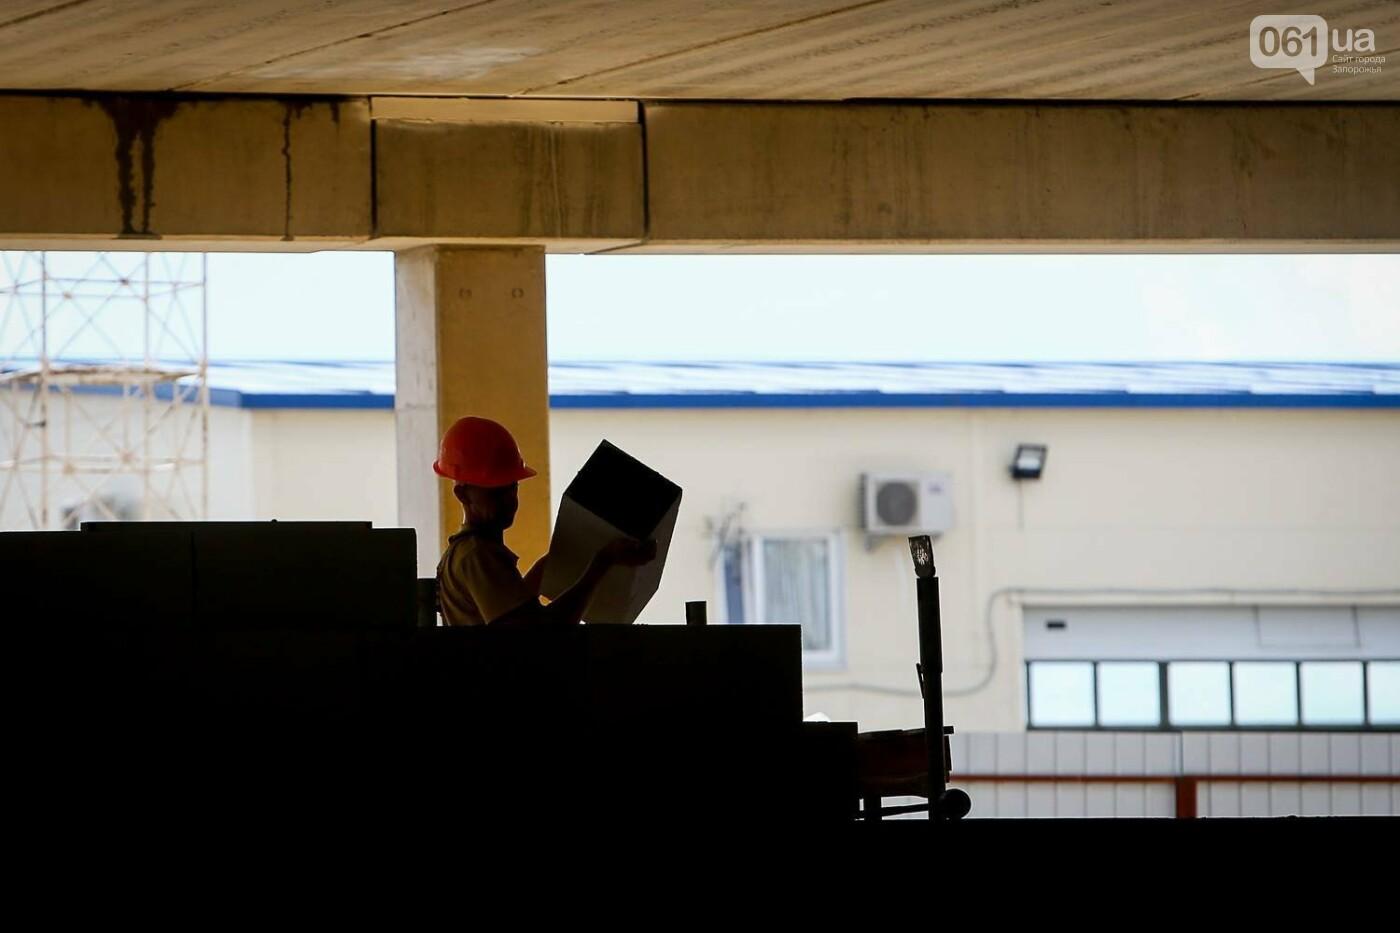 Как идет строительство нового терминала аэропорта Запорожья 41